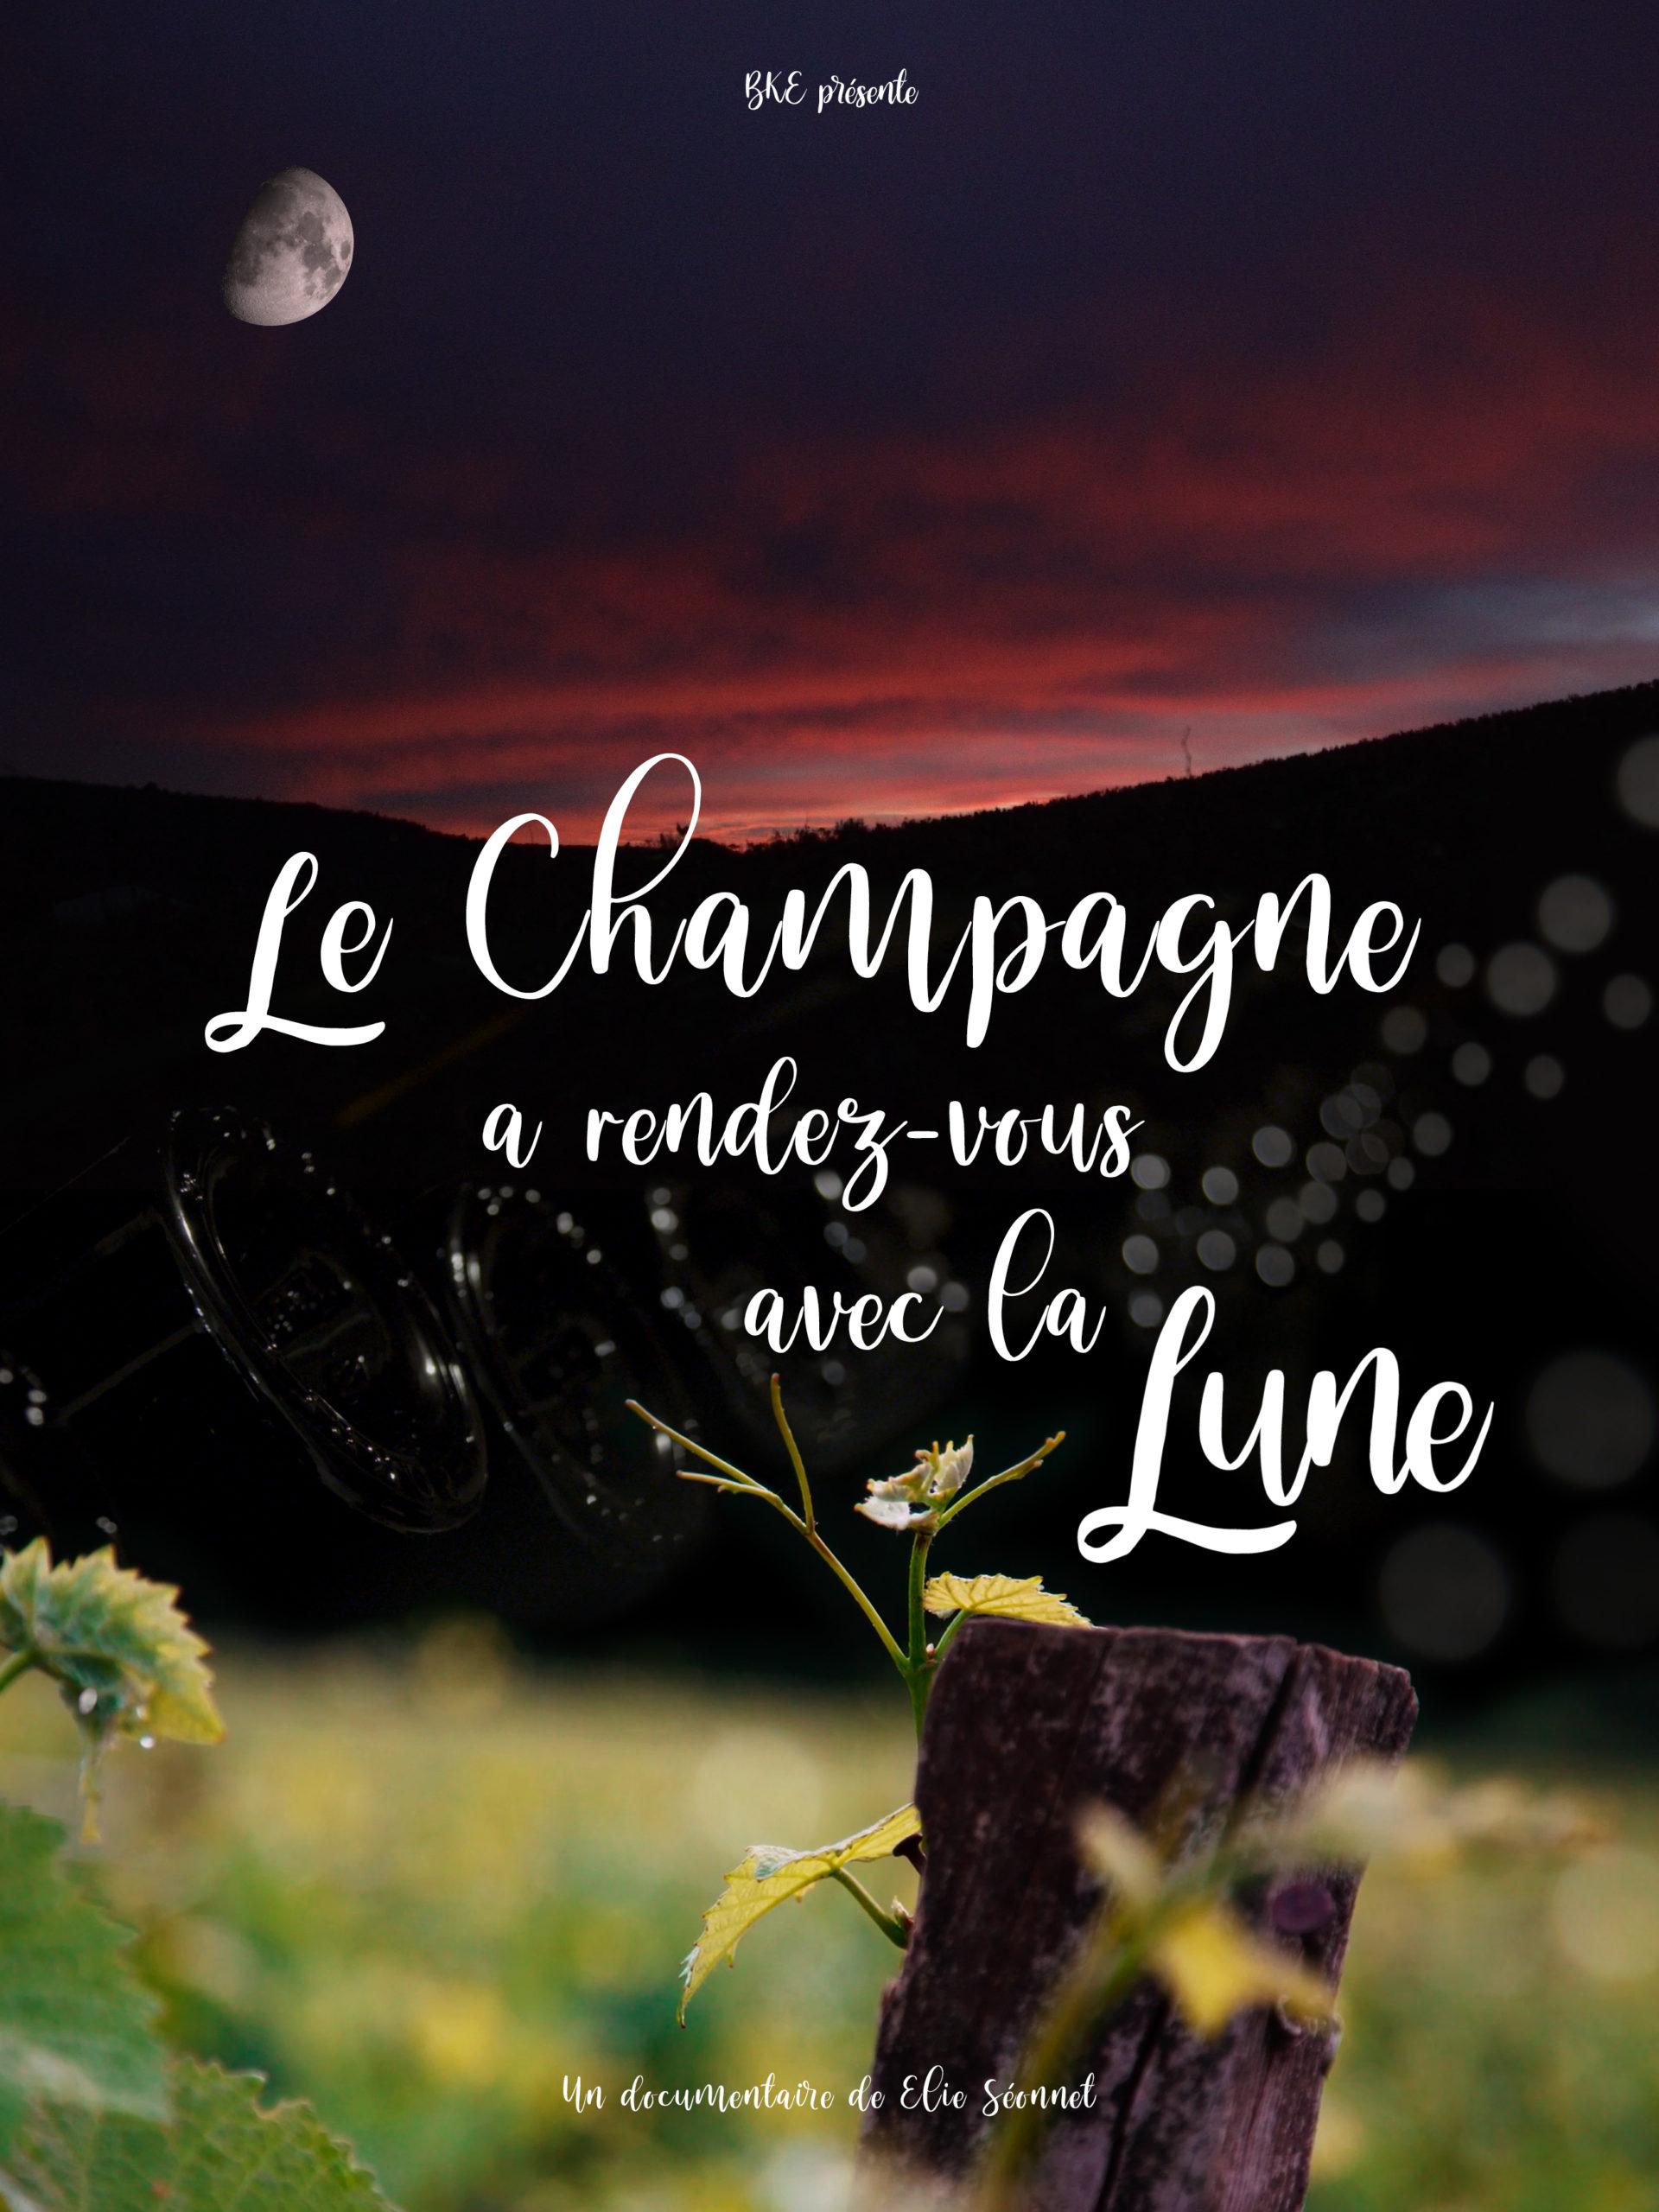 Champagne RDV avec-la Lune_AfficheDef